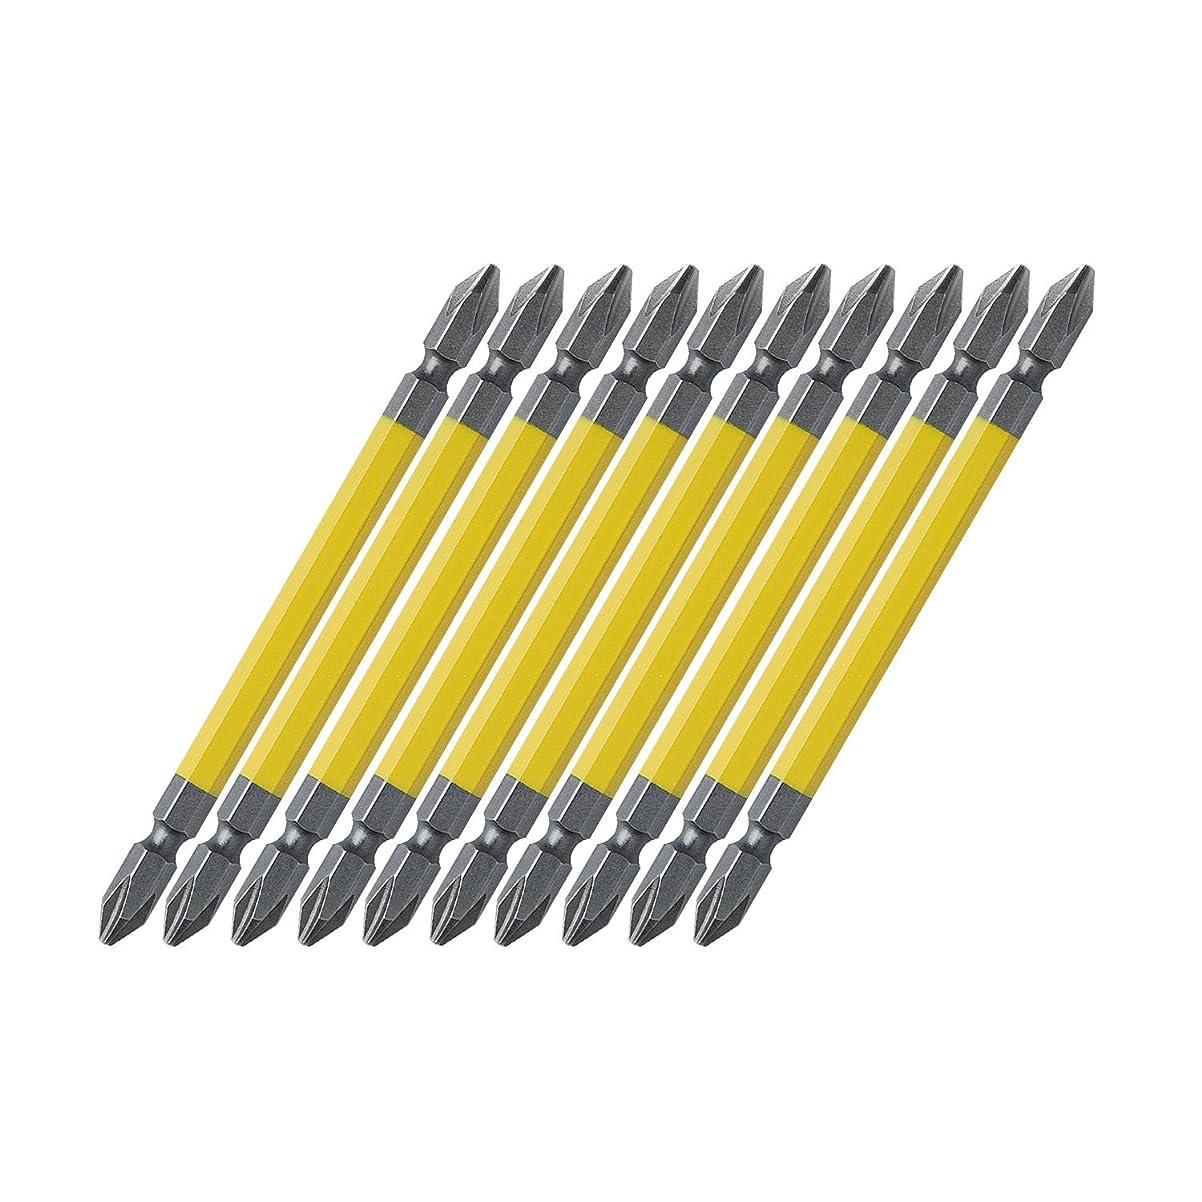 許す毒液チケットアネックス(ANEX) カラービット 両頭 マグネット付 +2x110 10本袋入 AC-14M